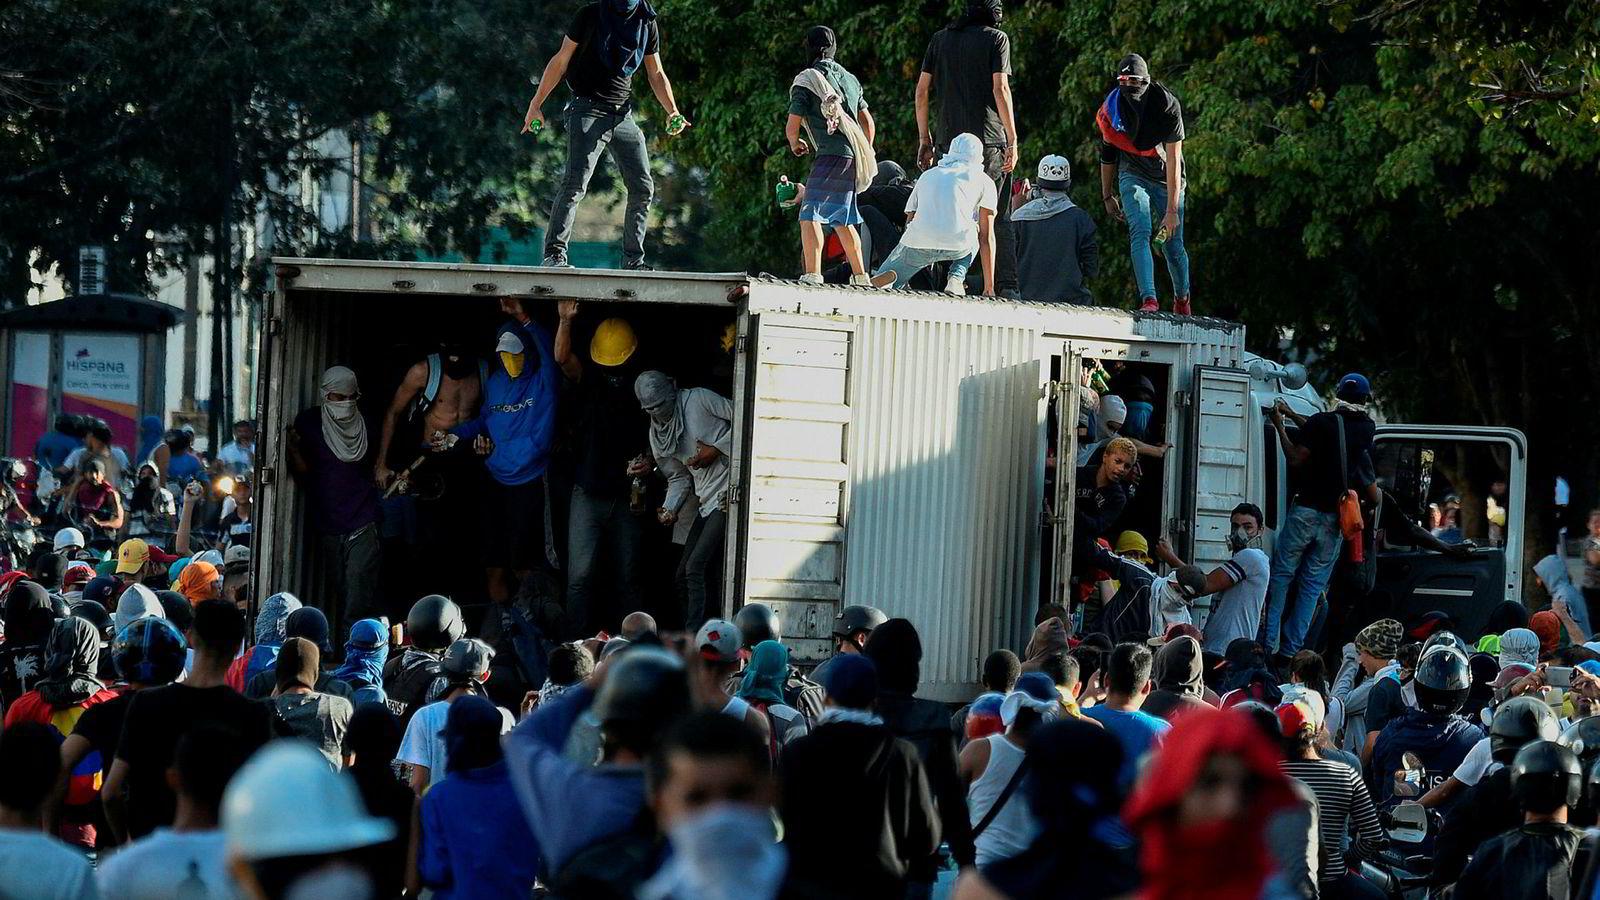 Demonstranter i Venezuela har tatt over en lastebil og blokkerer en motorvei under en protest mot regjeringen til president Nicolas Maduoro.